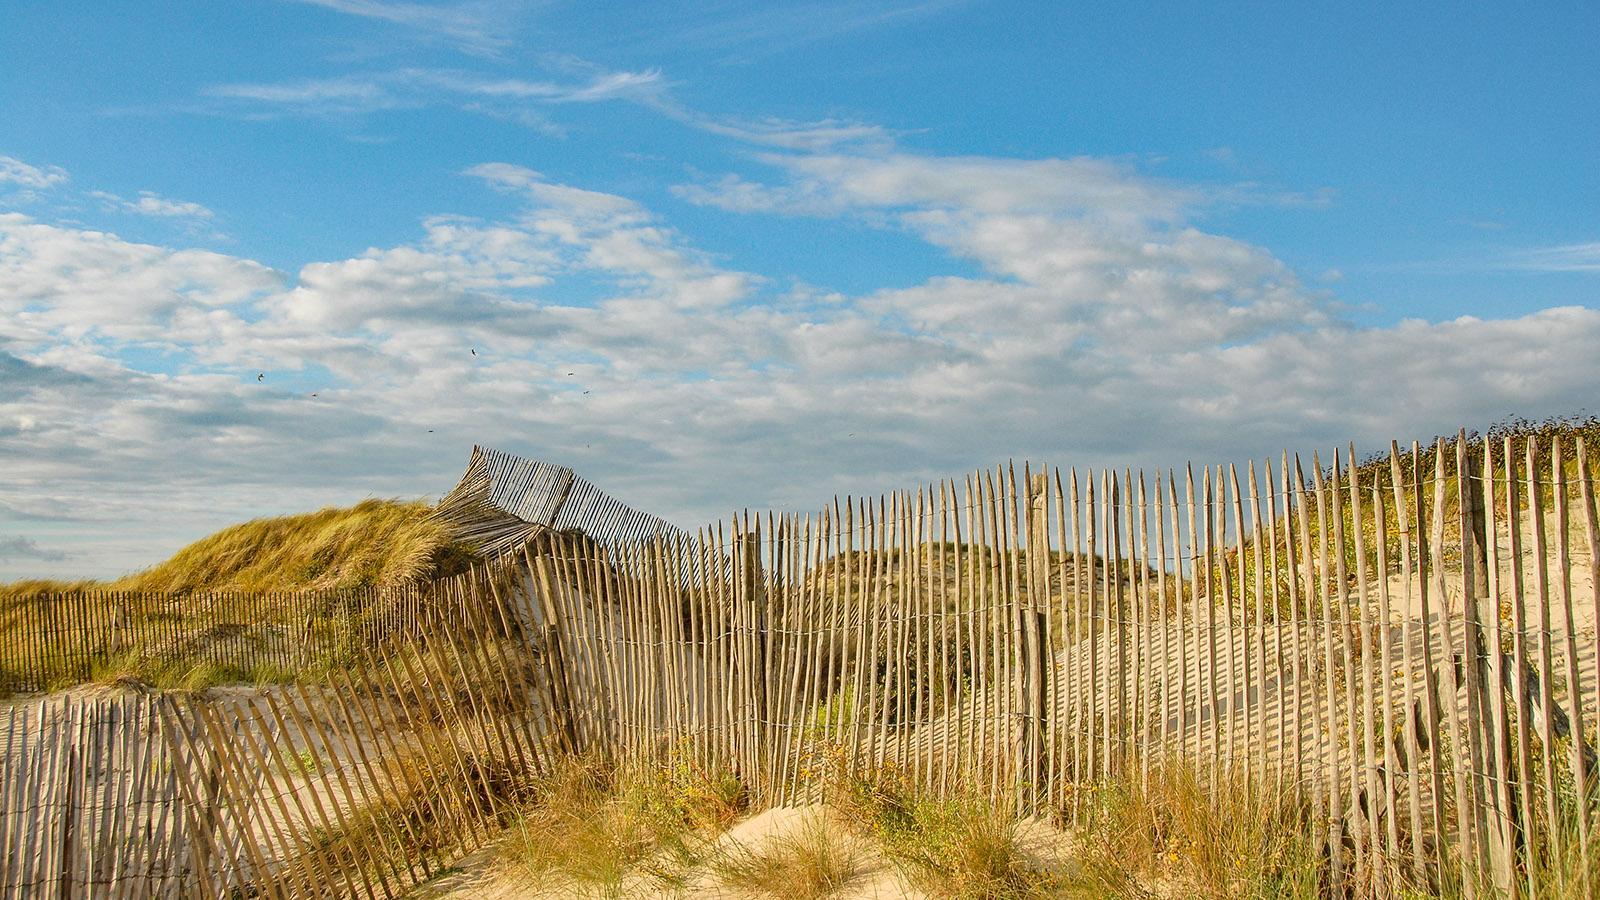 Solche Staketenzäune sind typisch für Frankreichs Küsten - ihr findet sie auch an der Côte d'Opale bei Berck-sur-Mer. Foto: Hilke Maunder